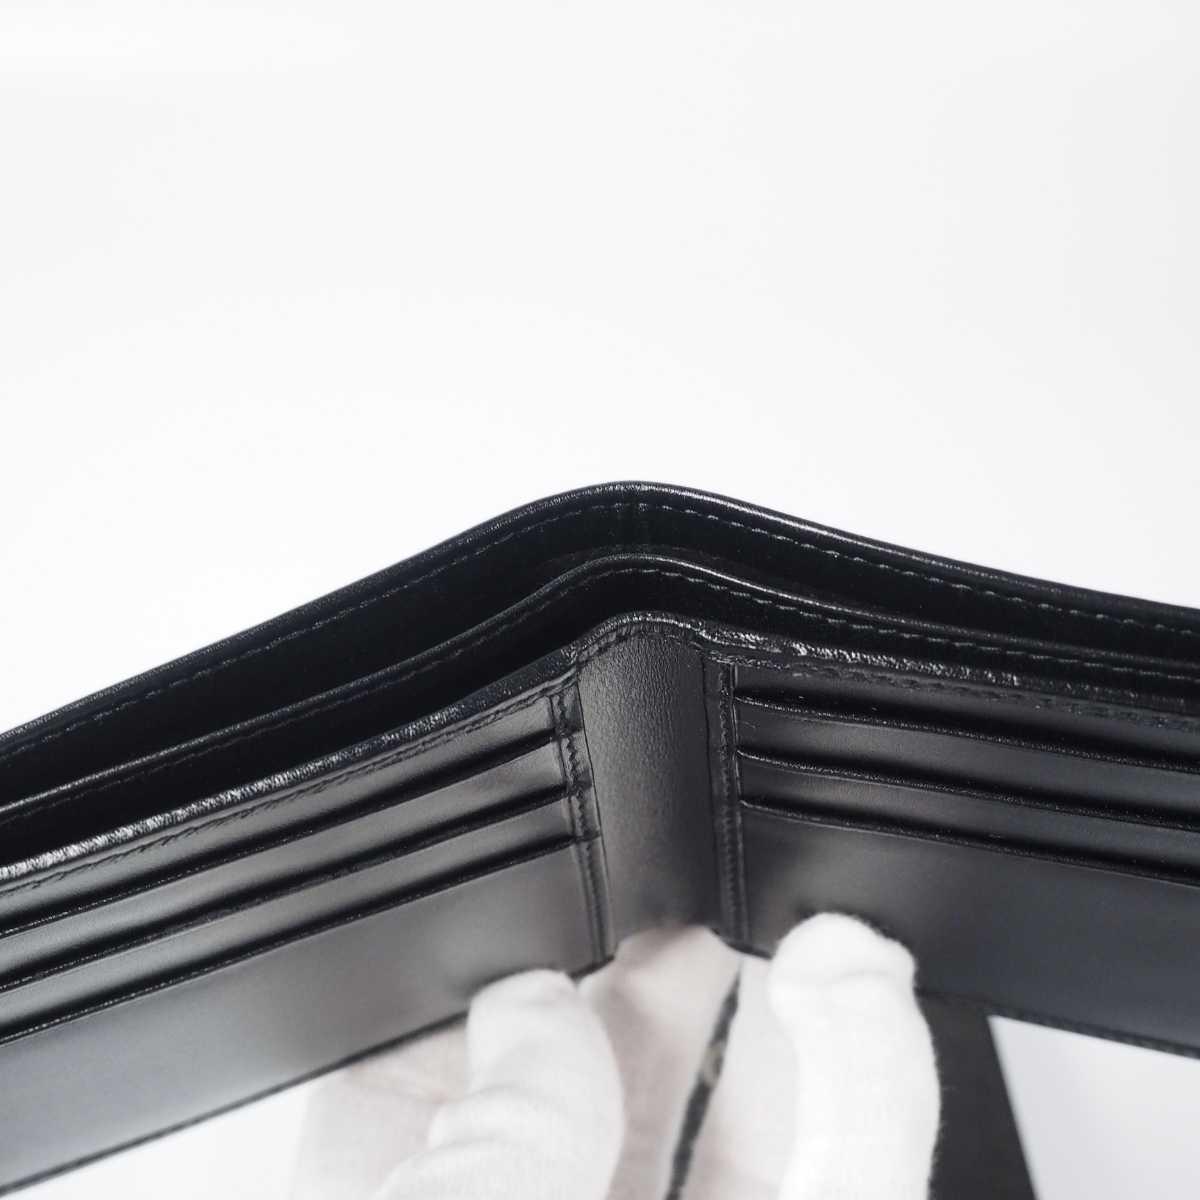 【未使用 送料無料】グッチ GG キャンバス 二つ折り財布 ブラック GUCCI 小銭入れ  財布 526_画像6